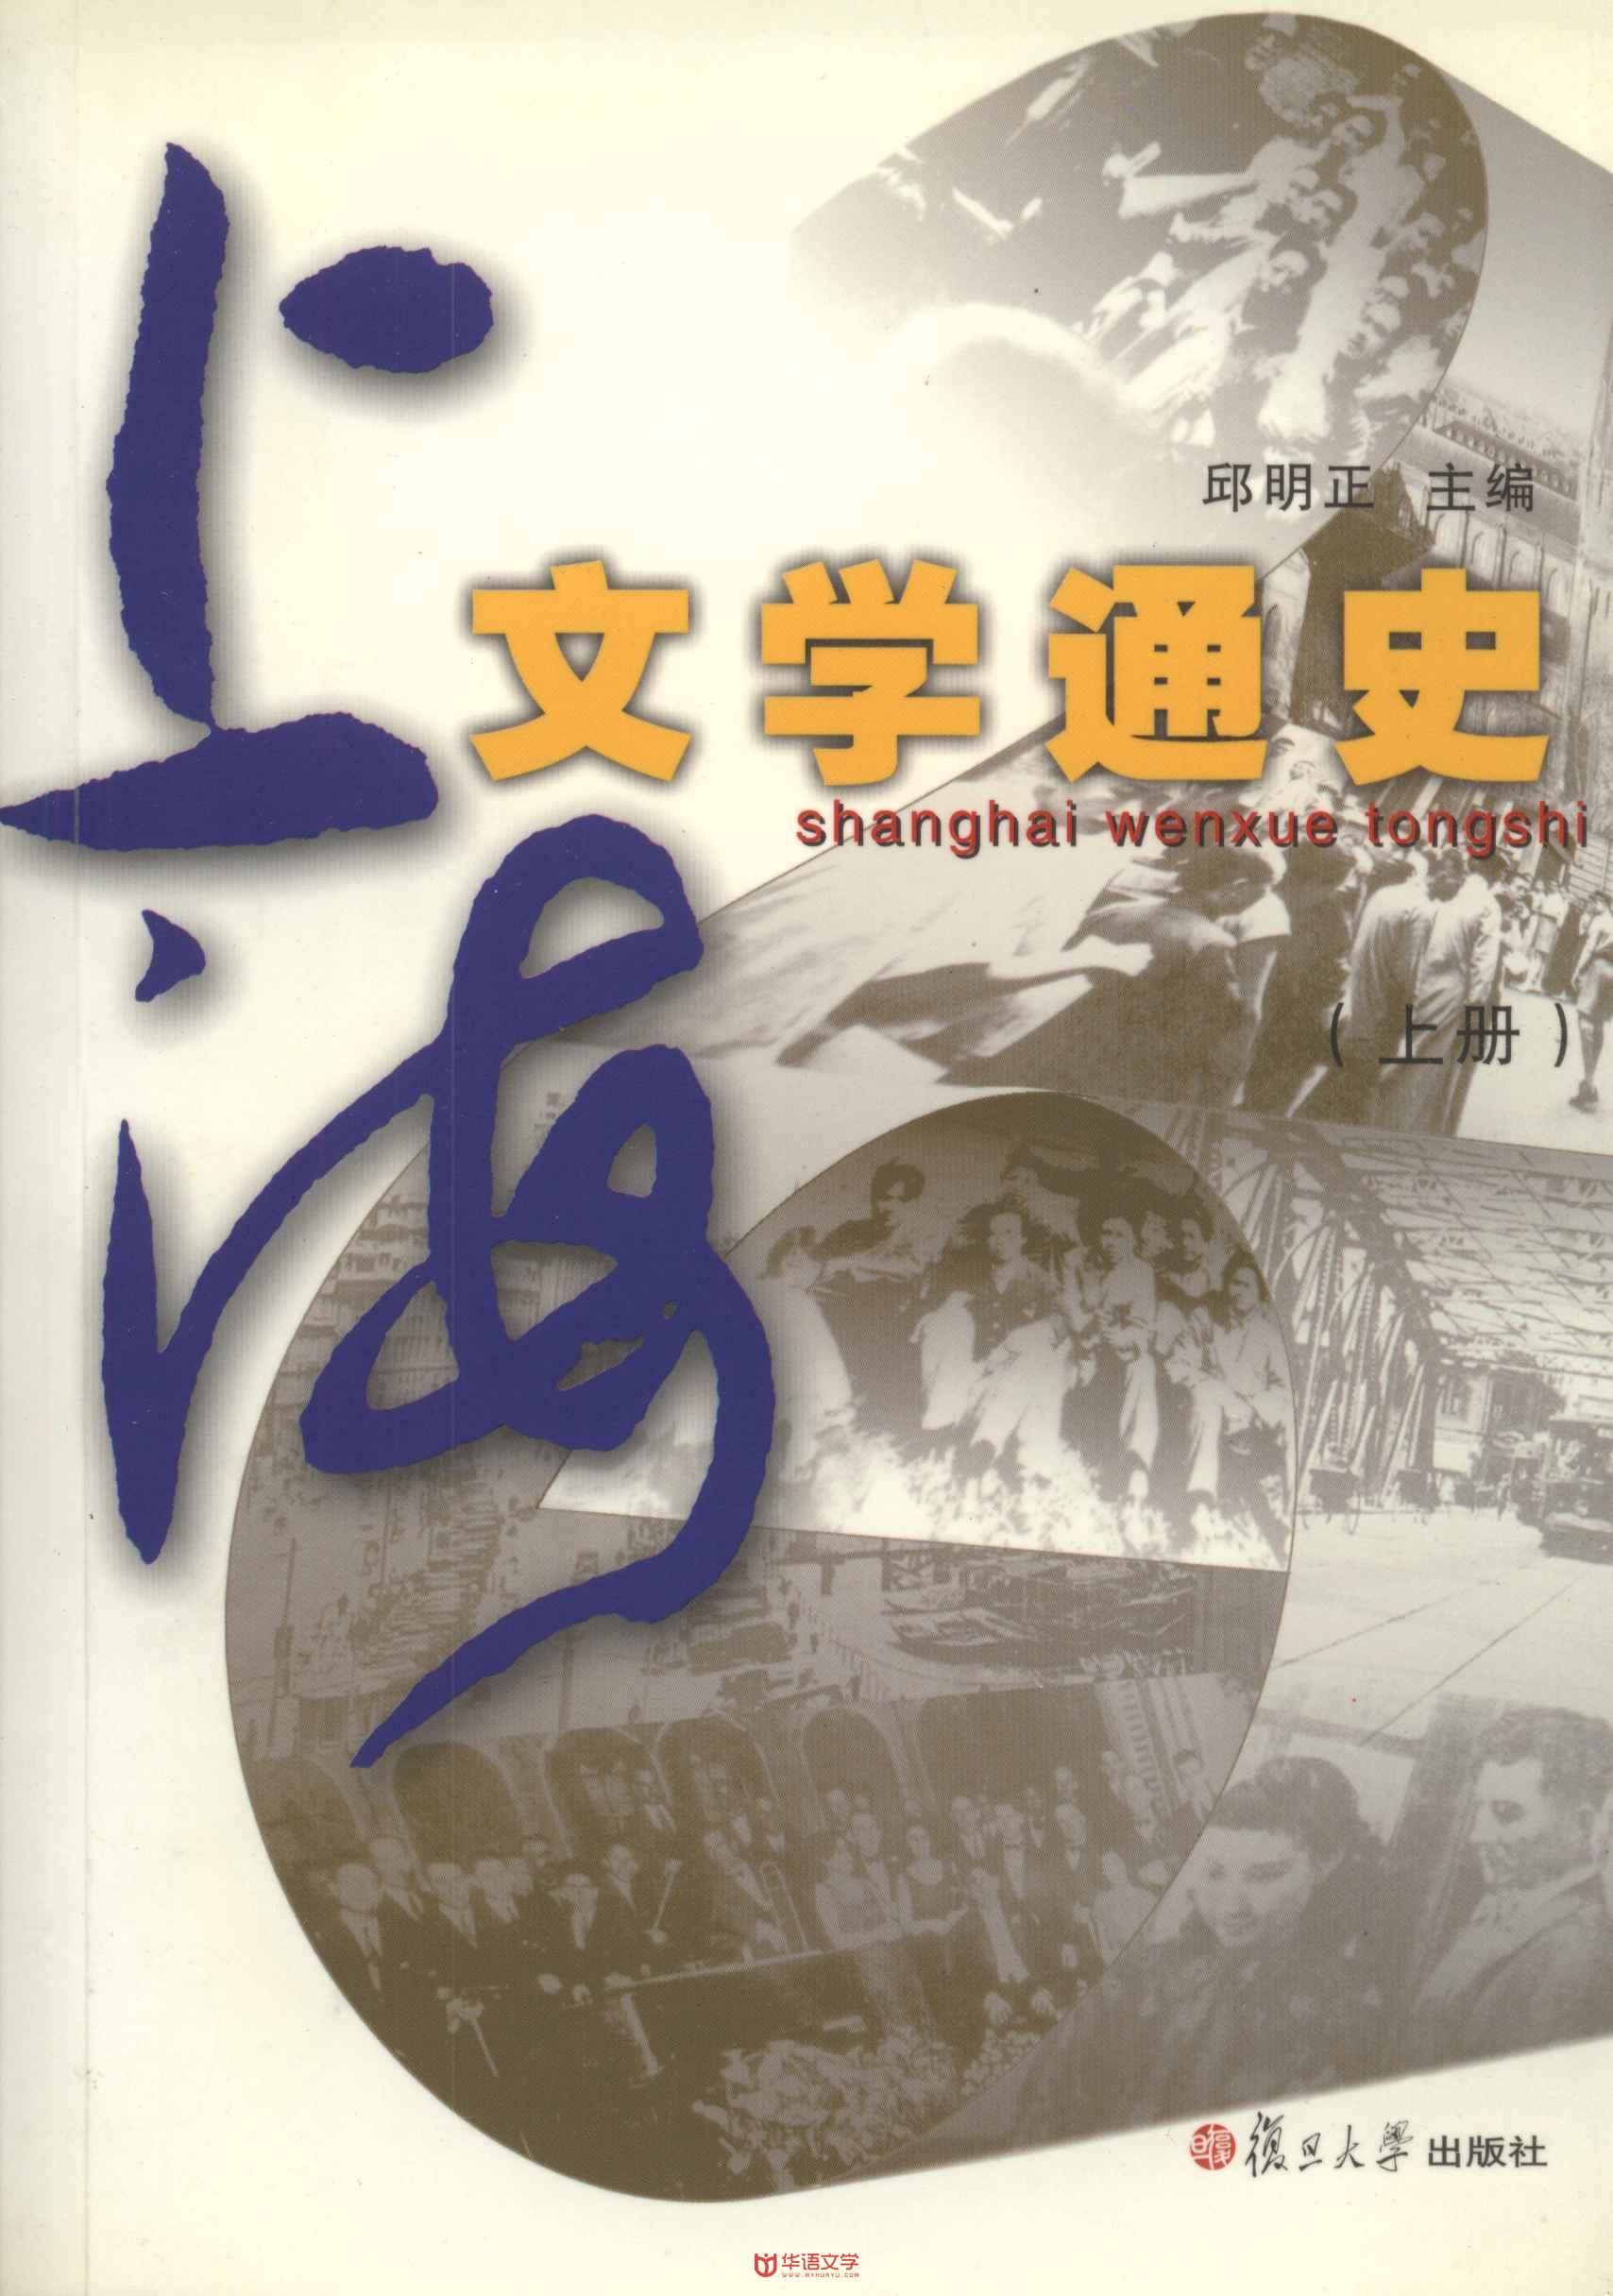 上海文学通史(上、下册)